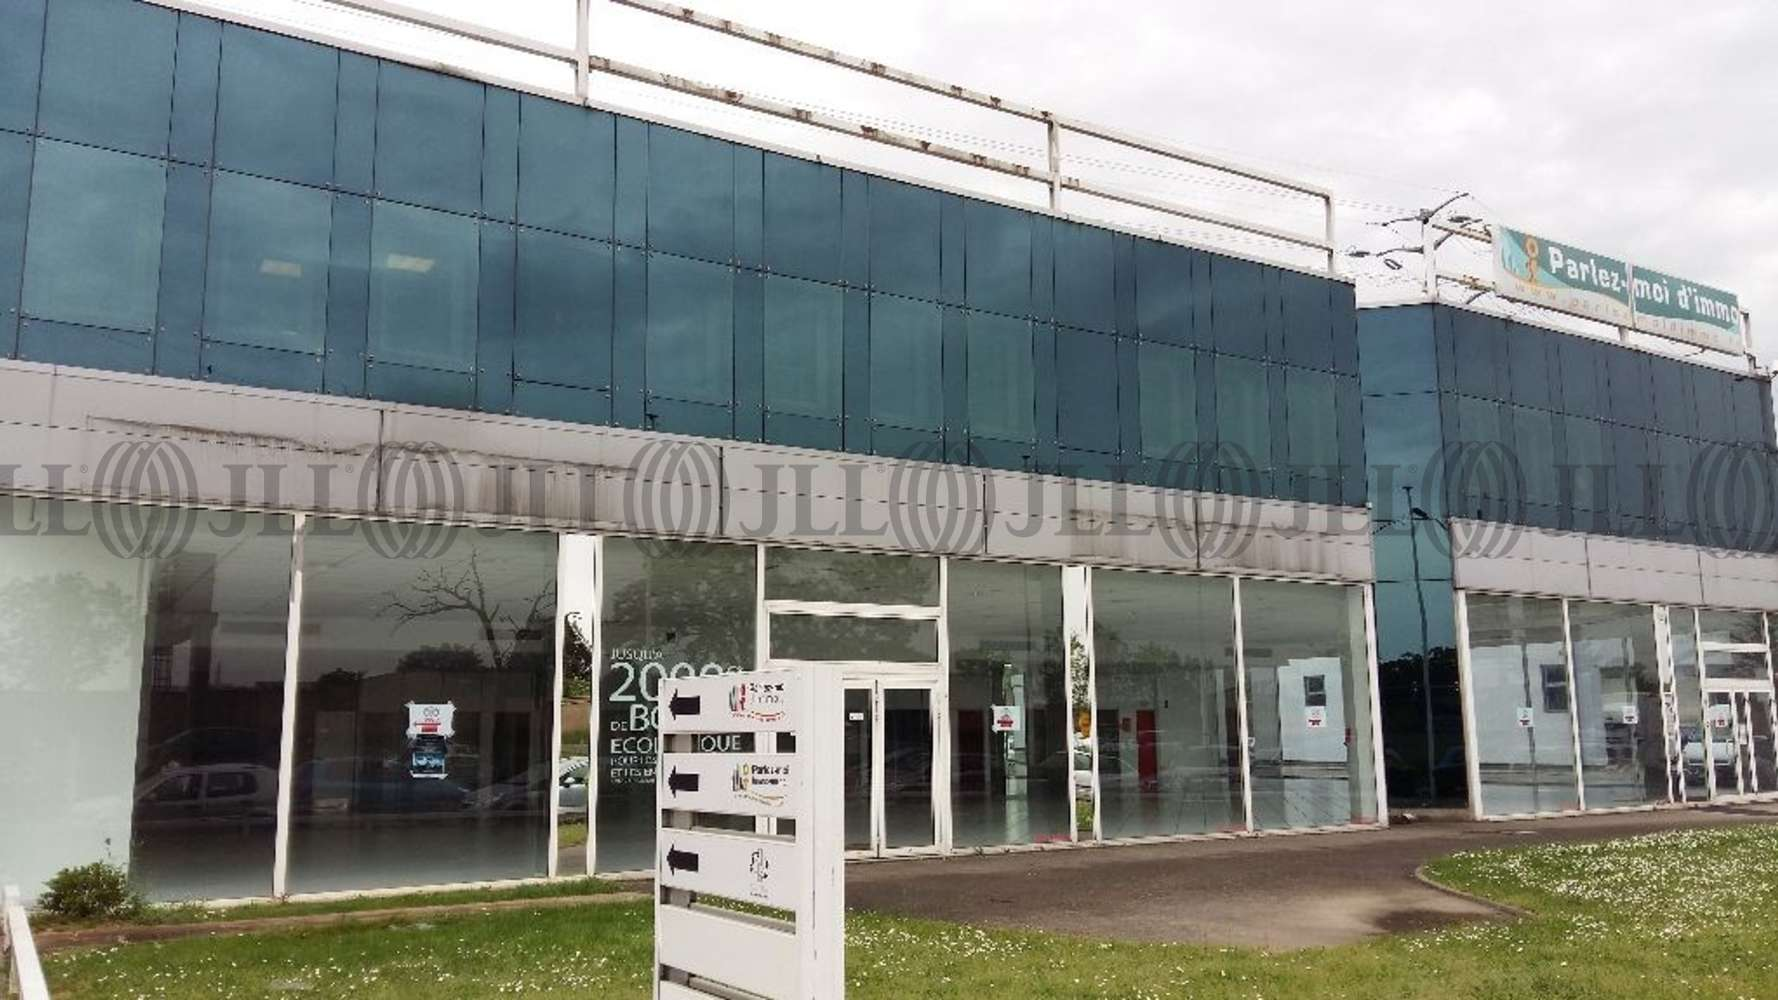 Activités/entrepôt Venissieux, 69200 - Location entrepot Lyon Est / Vénissieux - 9478102